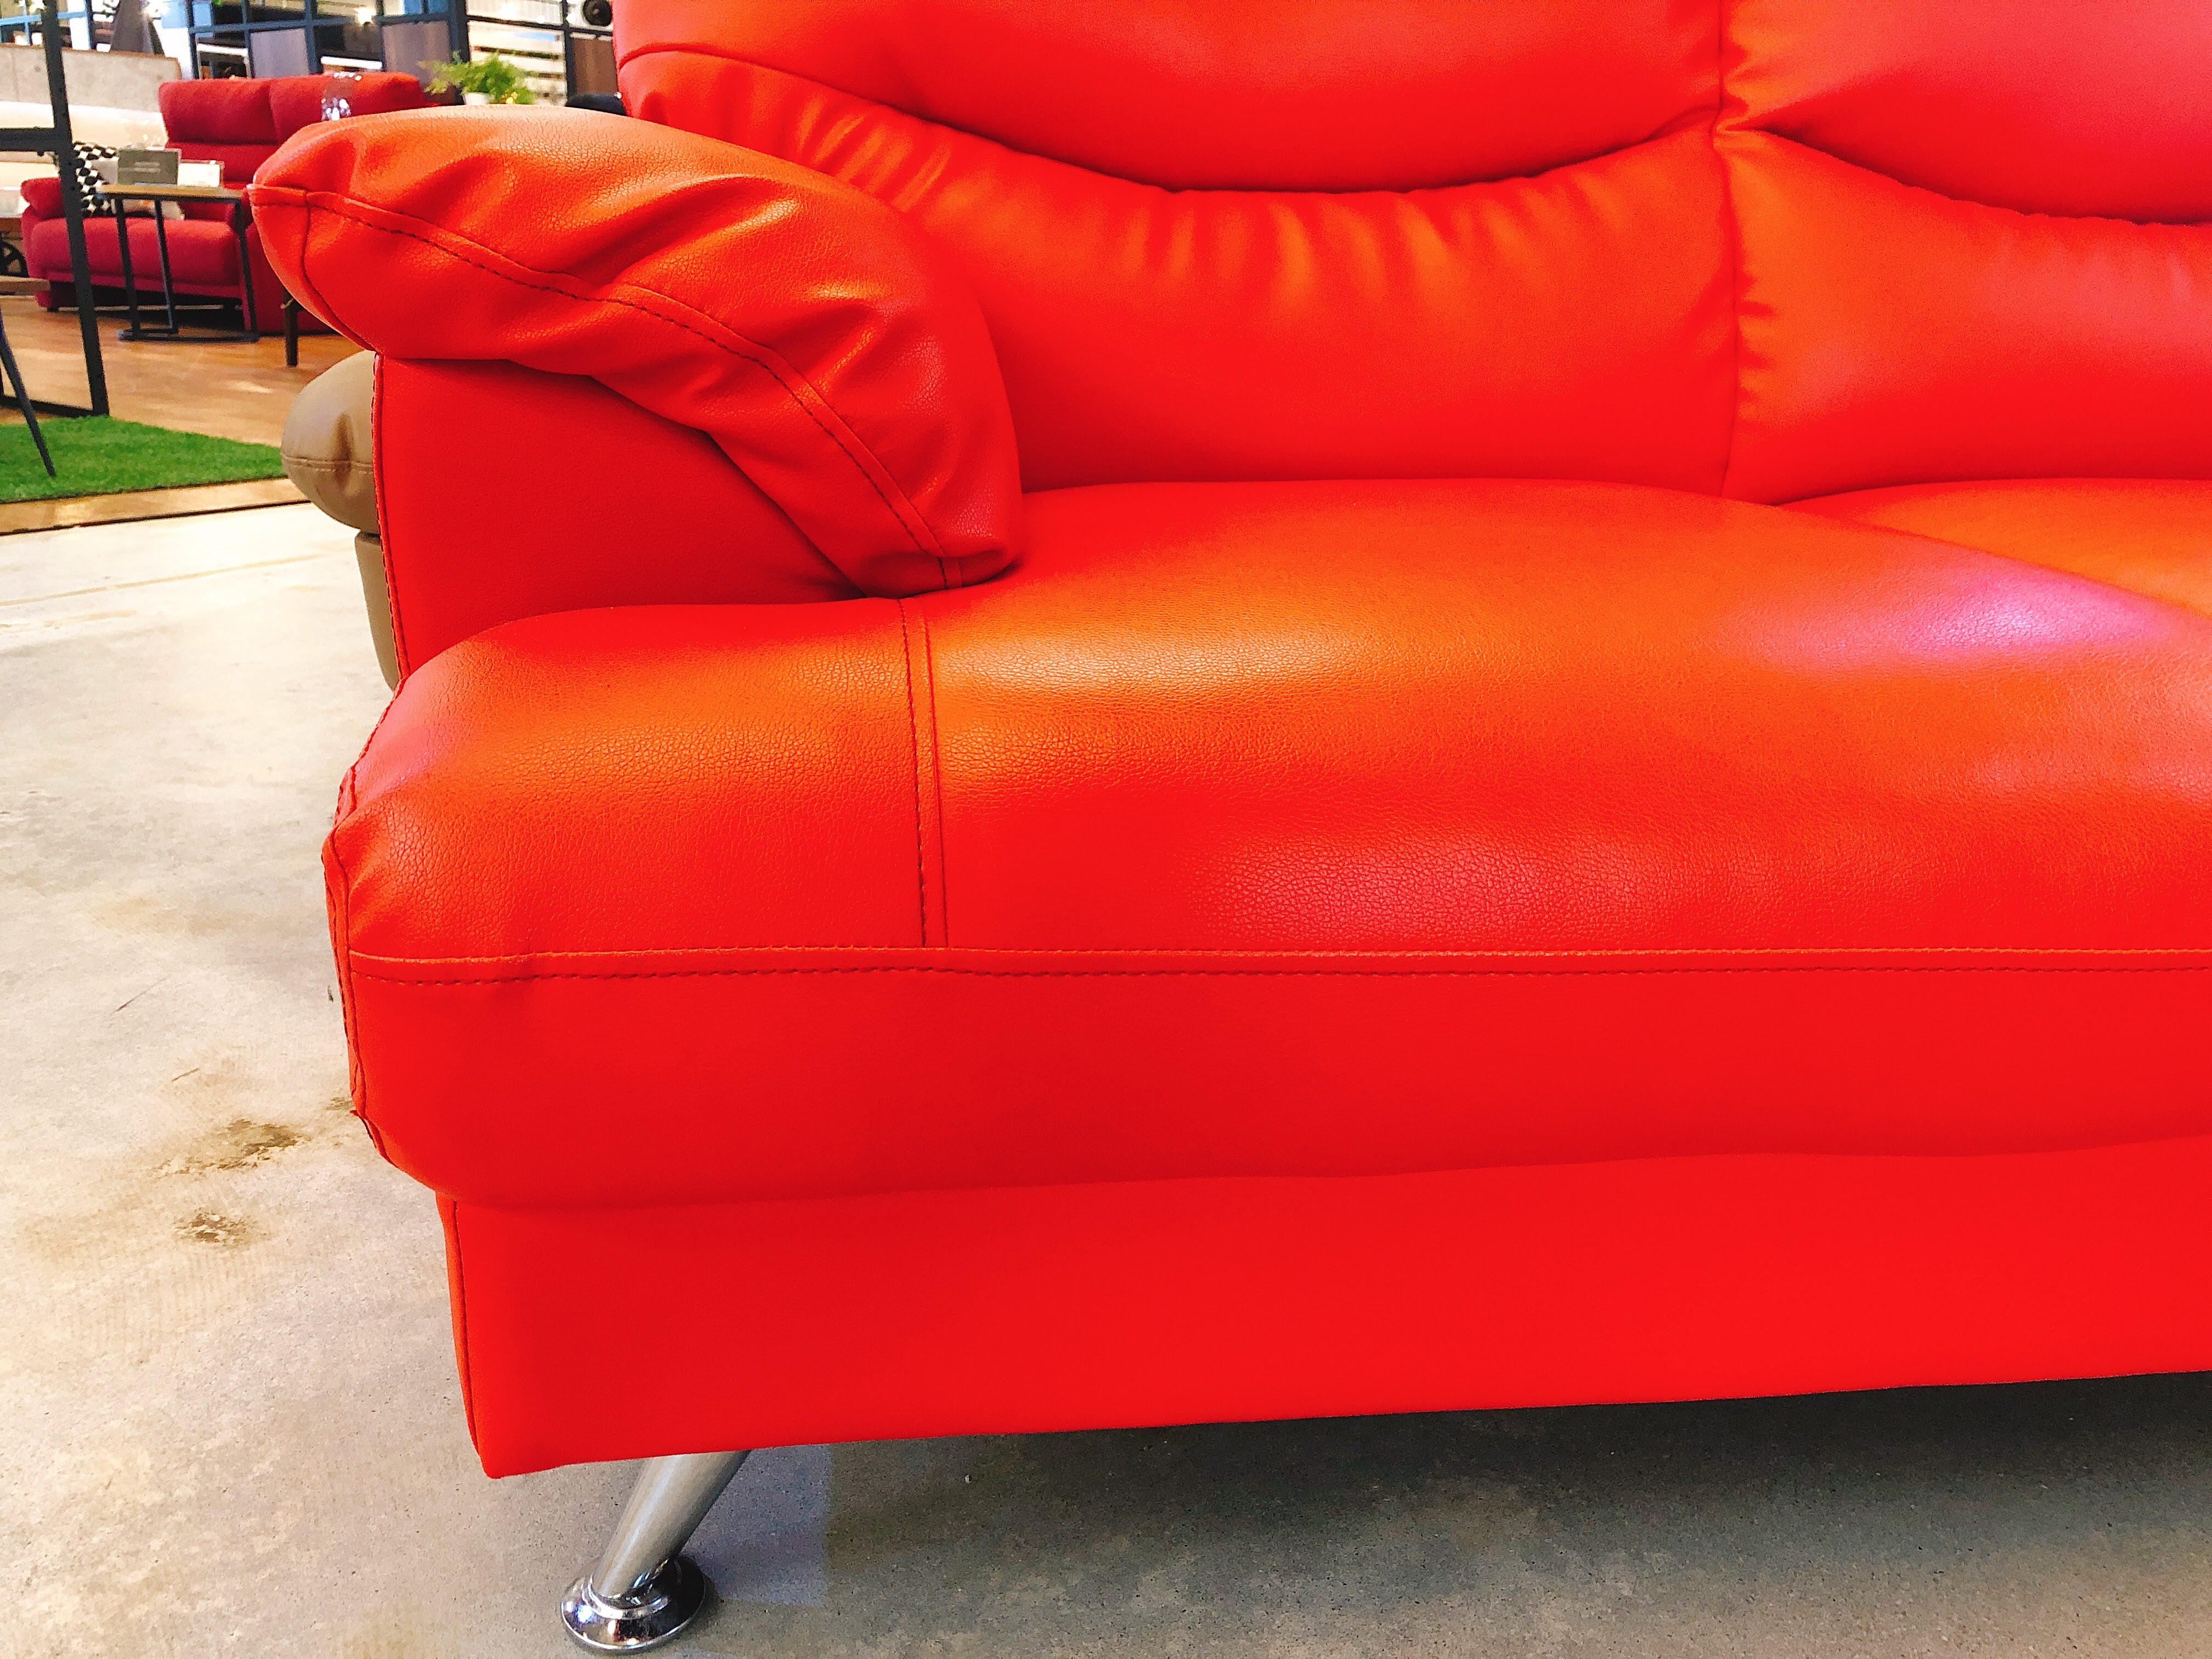 人工レザー(合皮)2人掛けソファー 展示入れ替えのため1点限りの画像3